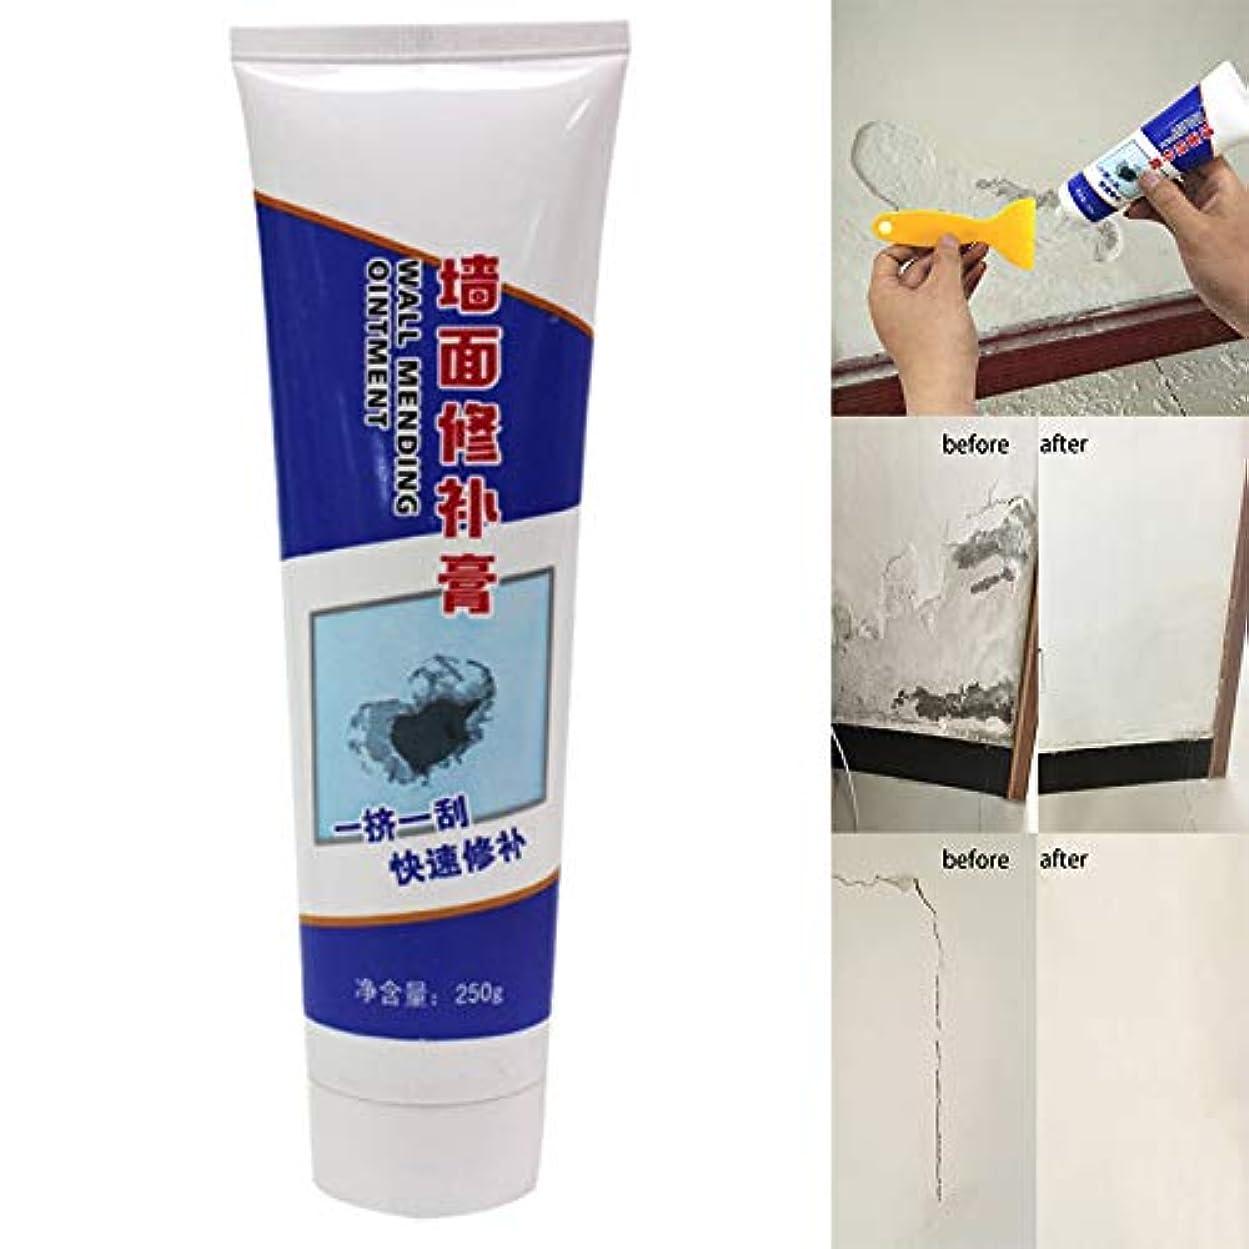 回る黙認するフェードAylincool壁修理クリーム、壁亀裂修理クリーム、ラテックスペースト防水非腐食性ホルムアルデヒドペーストラテックス